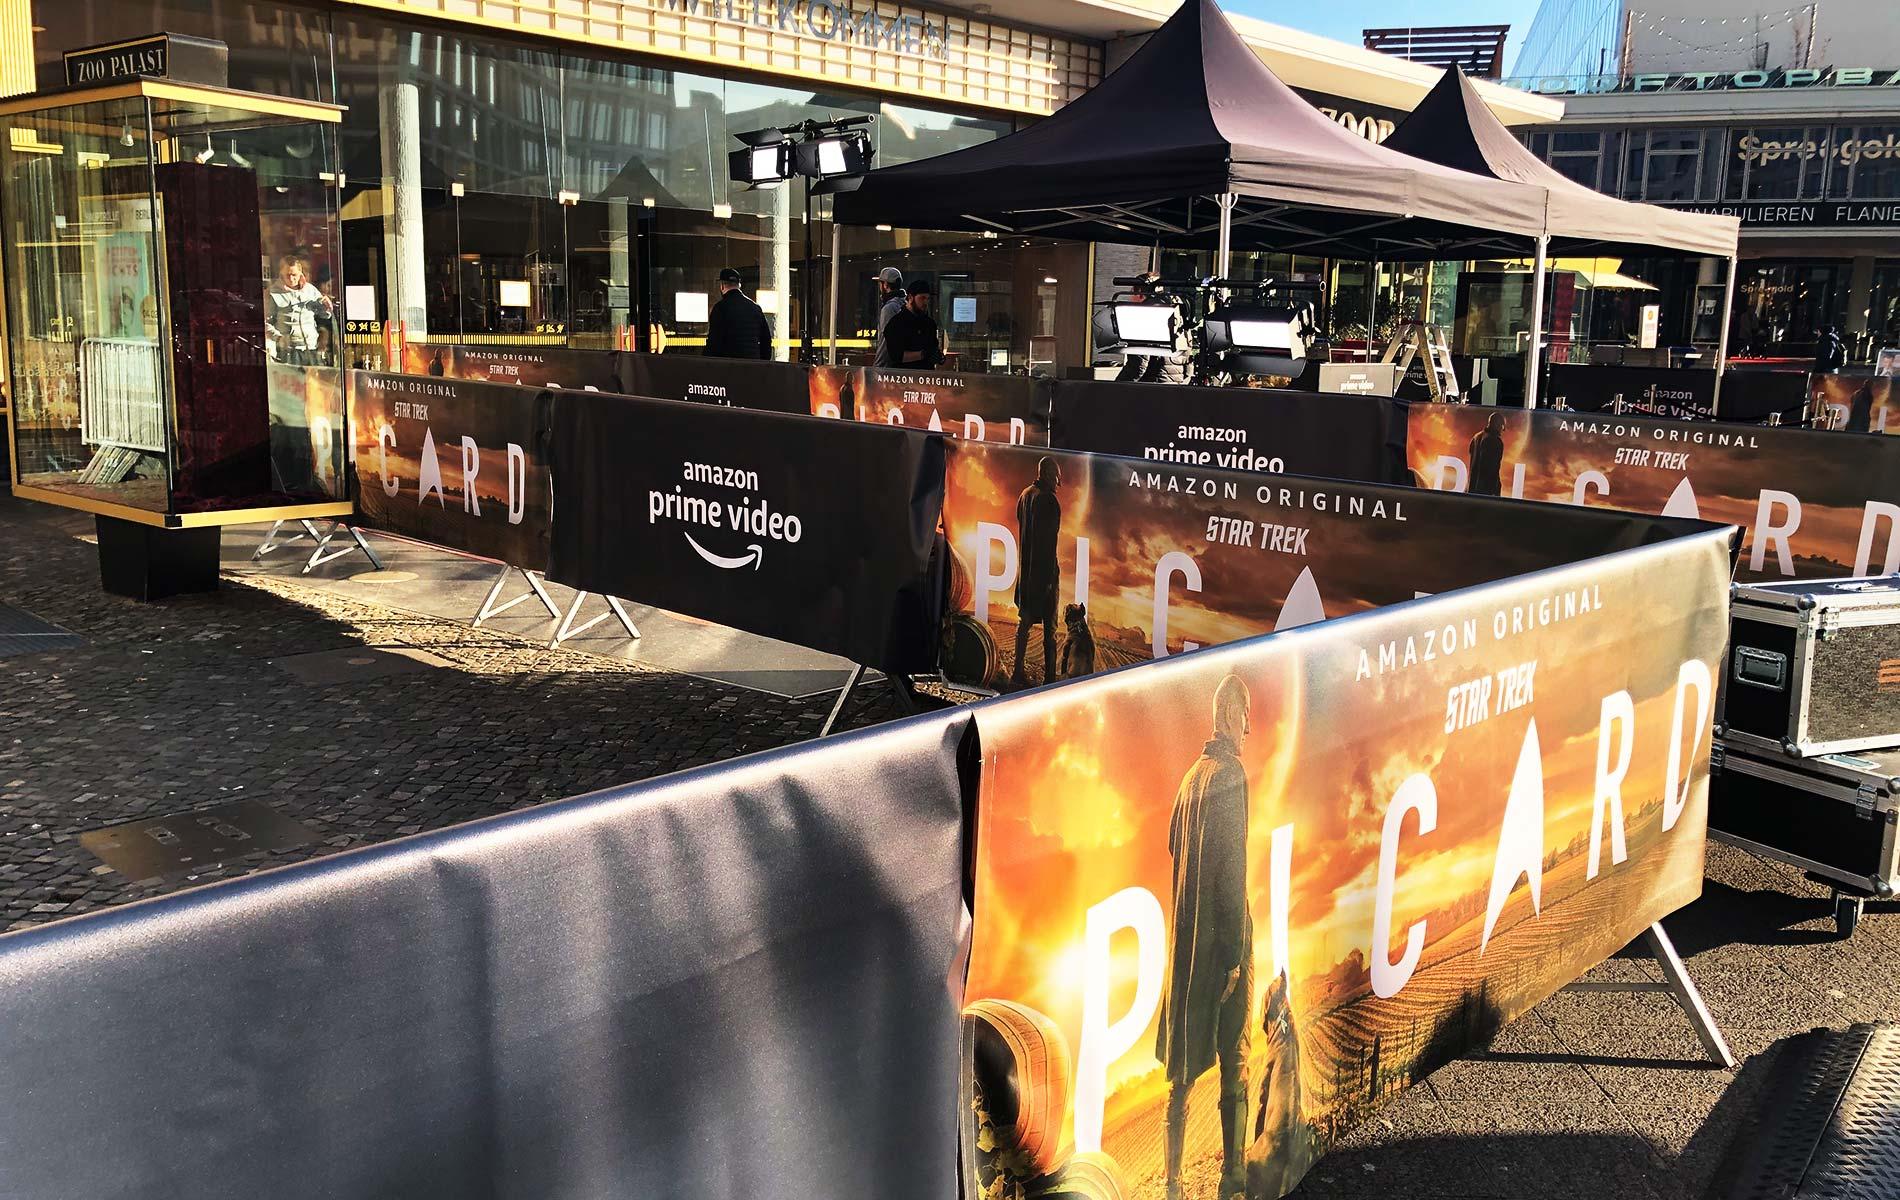 Uups: Hilfe beim Set-Abbau der Amazon Star Trek Premiere durch Diebe ;)